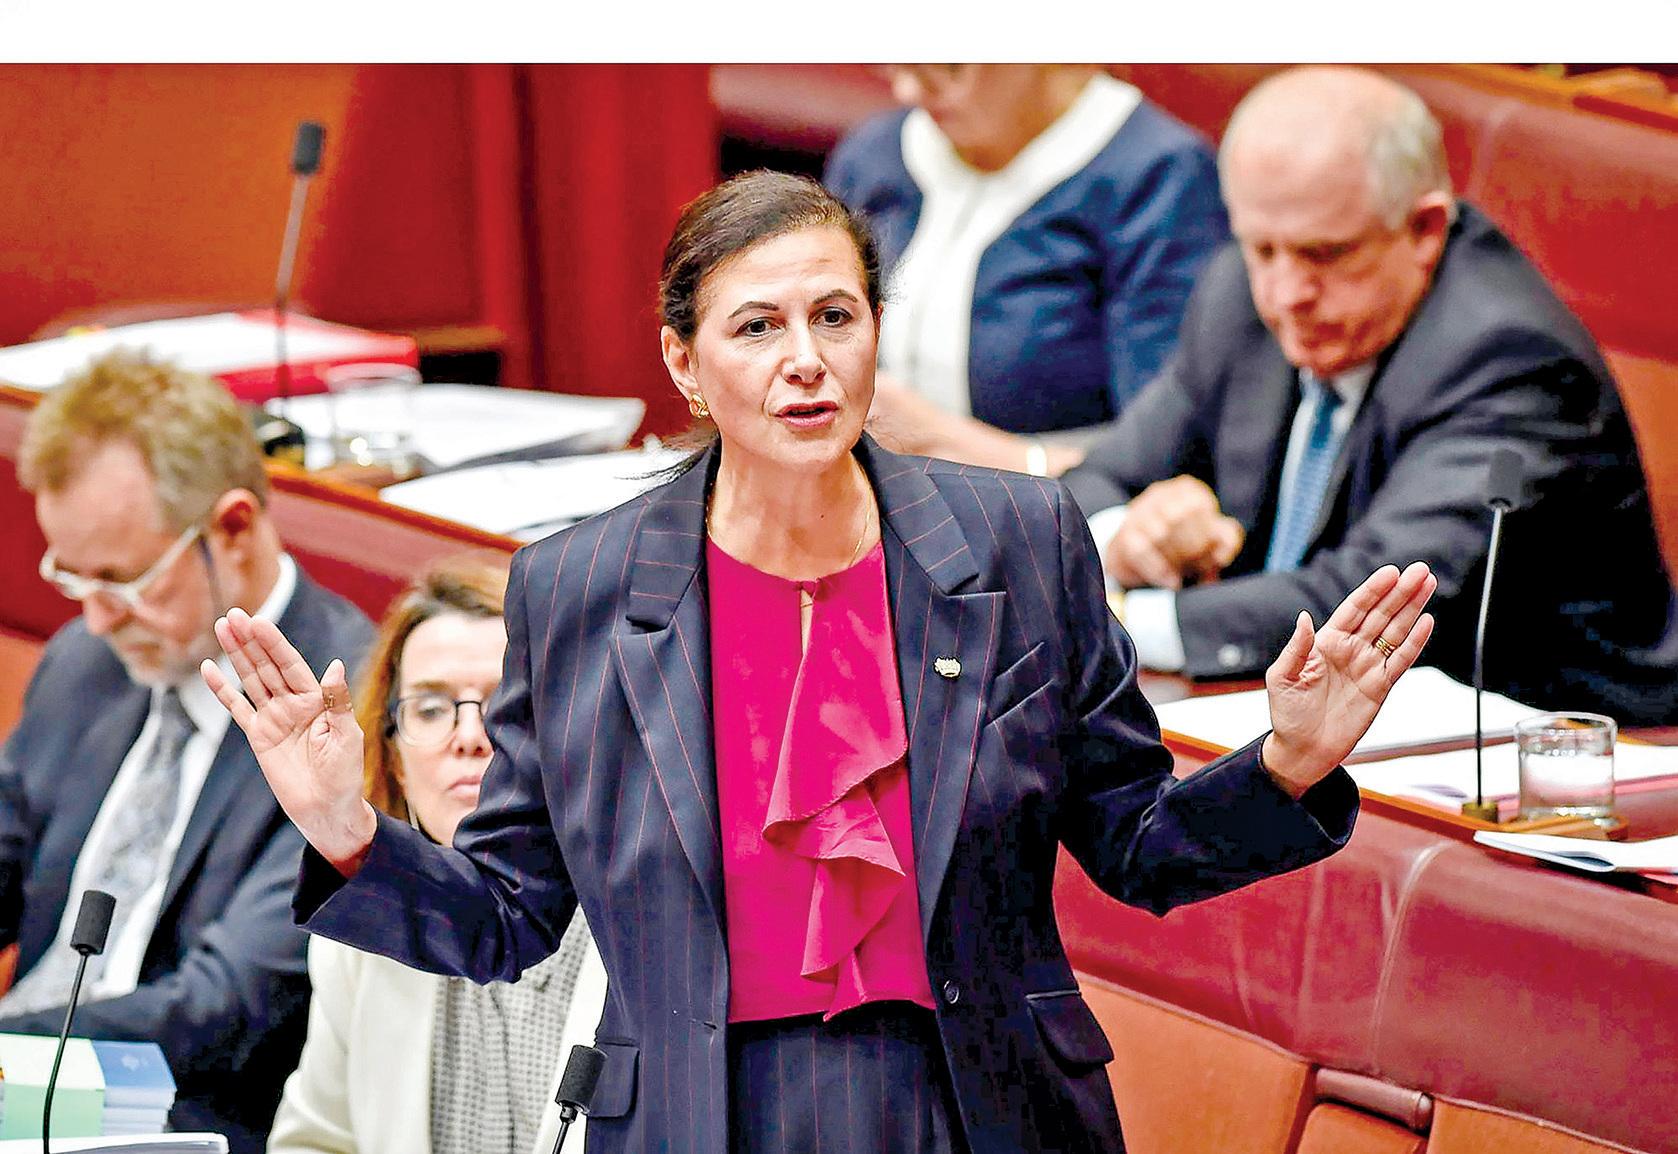 澳洲自由黨聯邦參議員Concetta Fierravanti-Wells表示,一旦大瘟疫結束,澳洲應考慮在貿易關係上與中共政權「脫鉤」。(Concetta Fierravanti-Wells臉書)